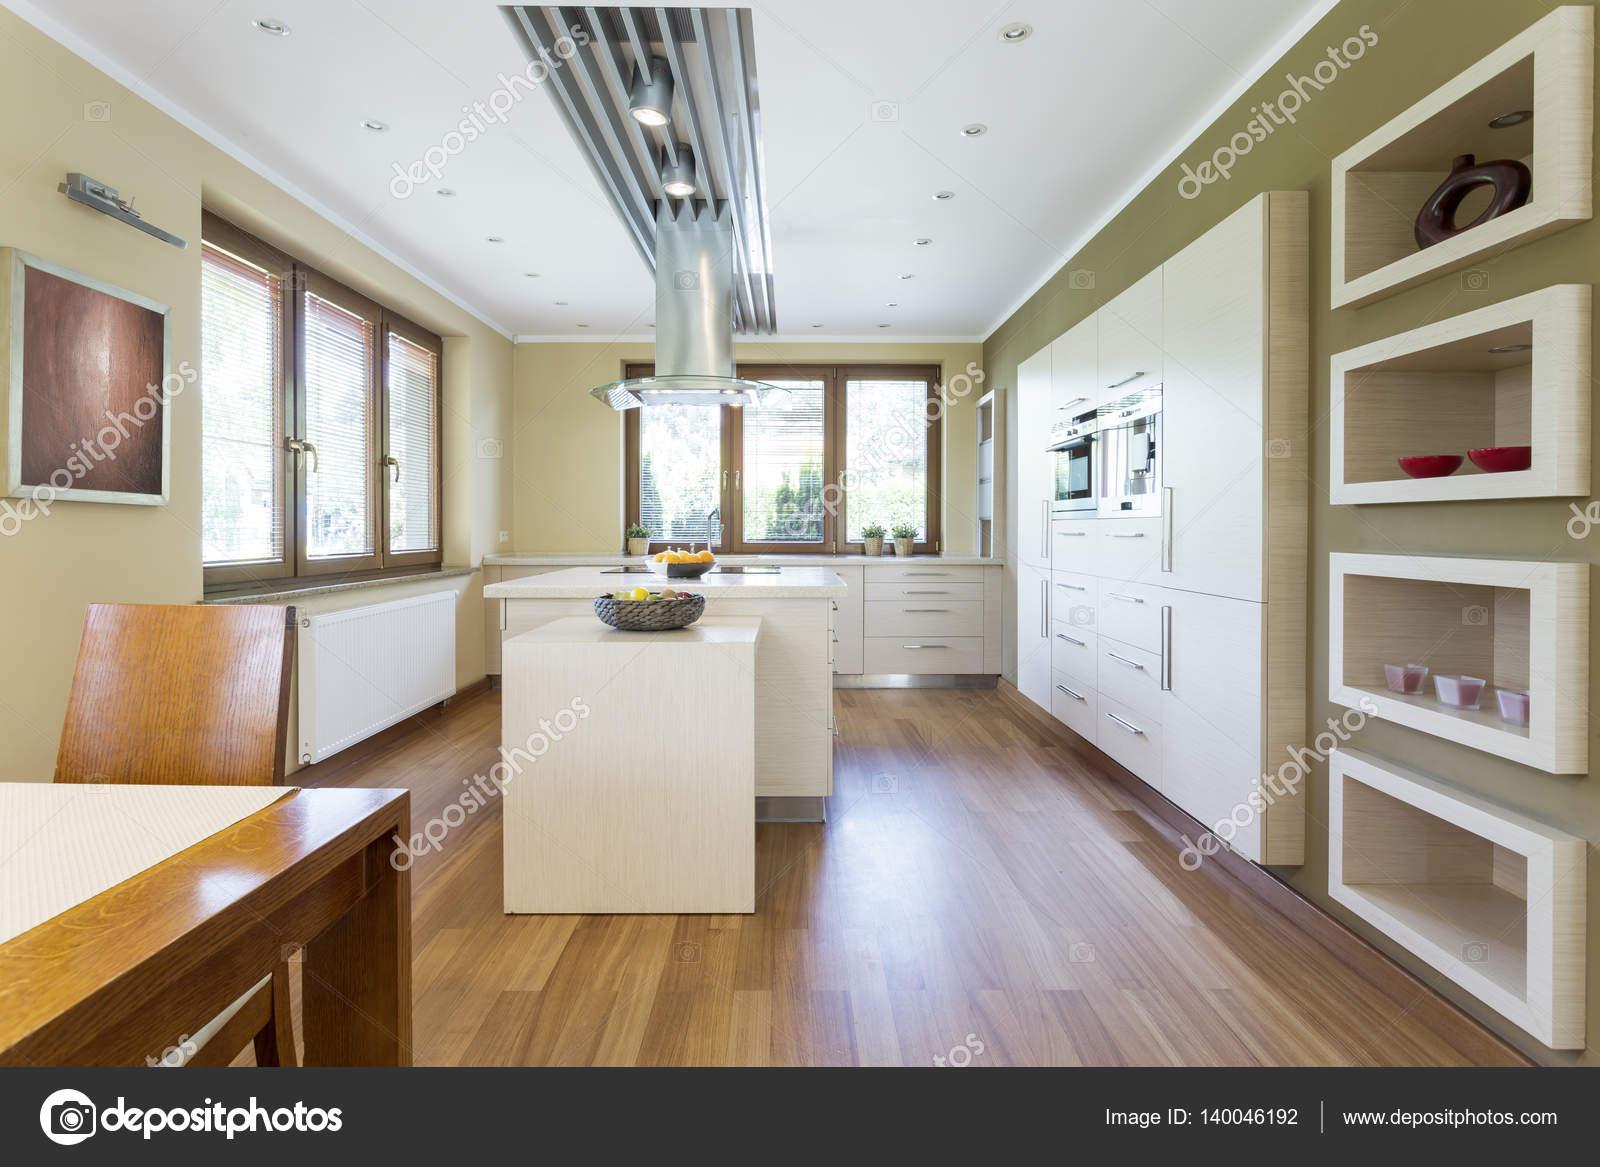 Amplia Cocina Con Muebles Blancos Foto De Stock Photographee  # Muebles Blancos